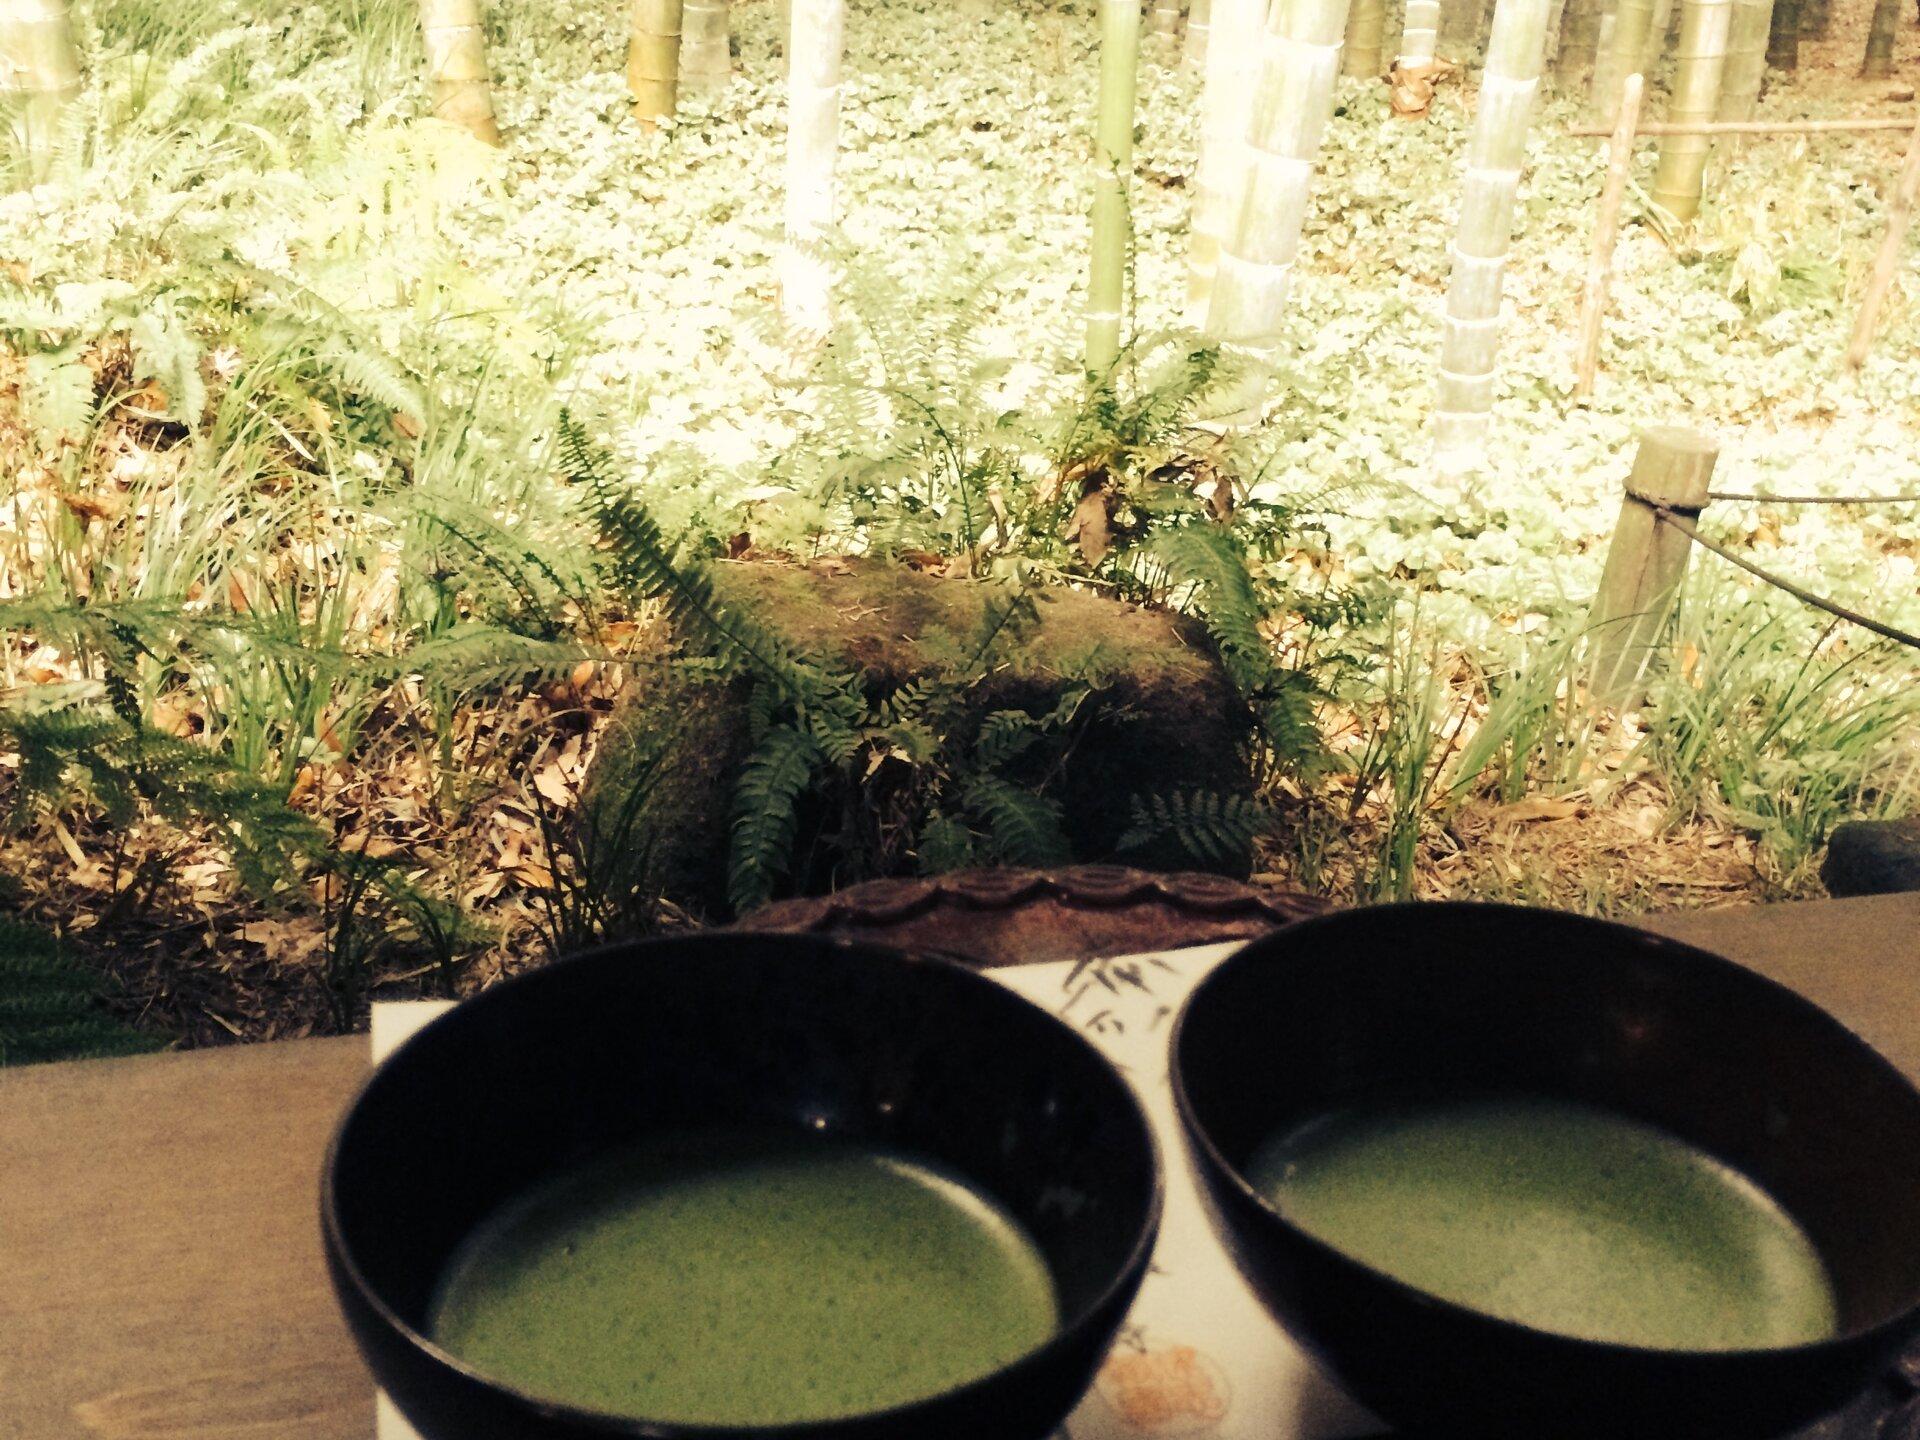 【鎌倉】竹林の中で抹茶を頂ける「報国寺」で自然を感じるのんびりデート